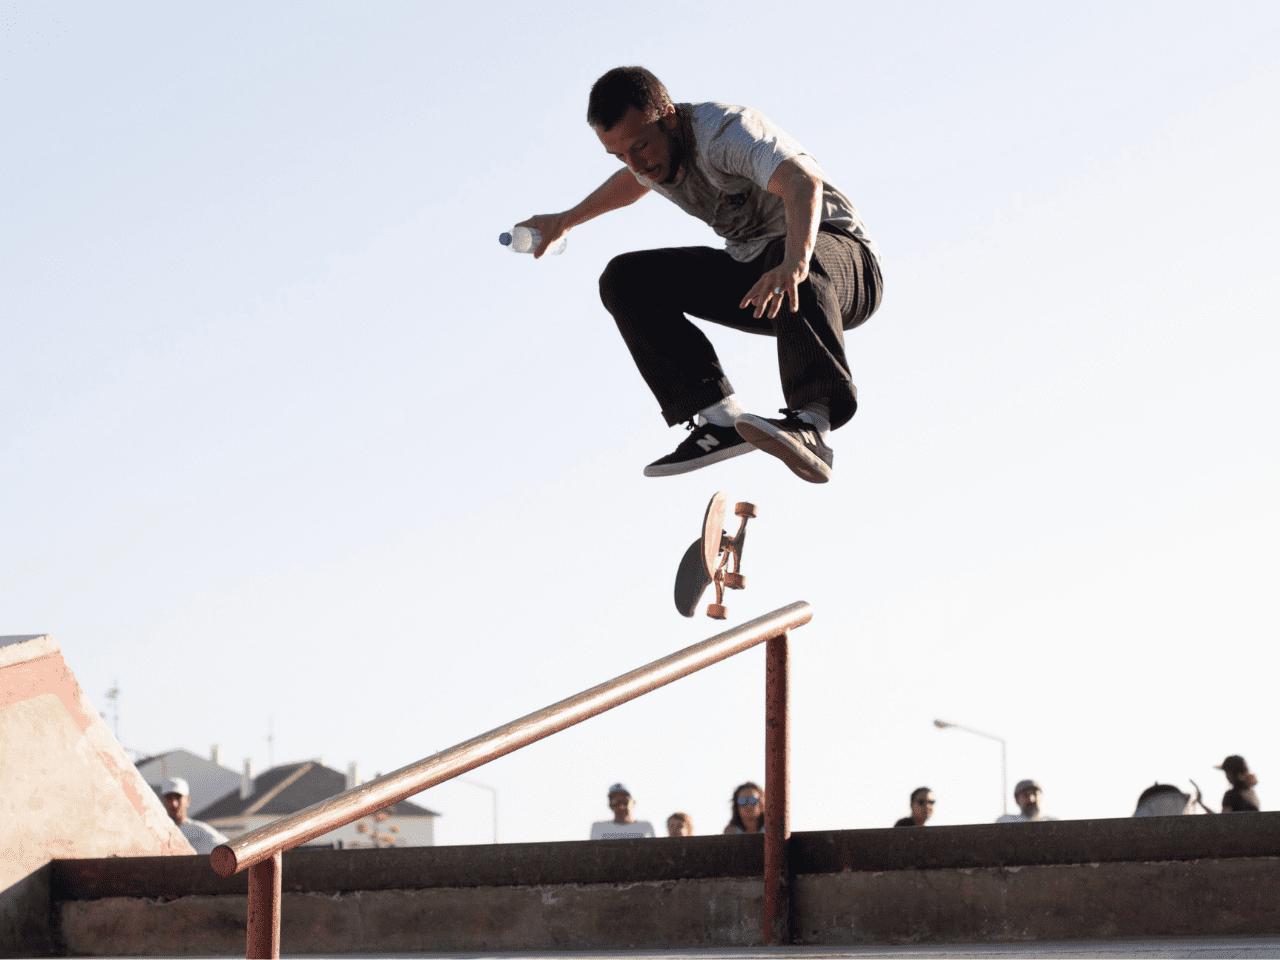 宮城・仙台のスケートパーク13施設 まとめ